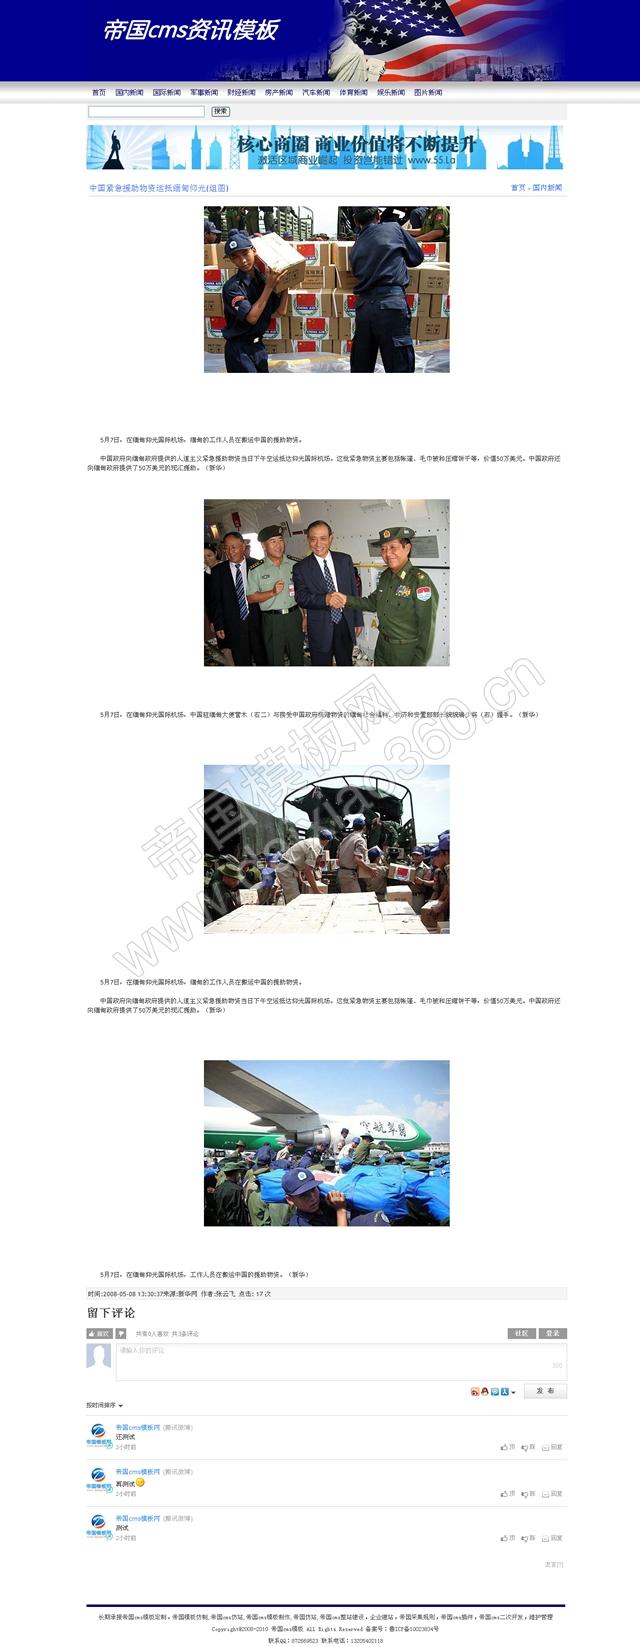 帝国cms资讯新闻蓝灰色文章模板_内容页